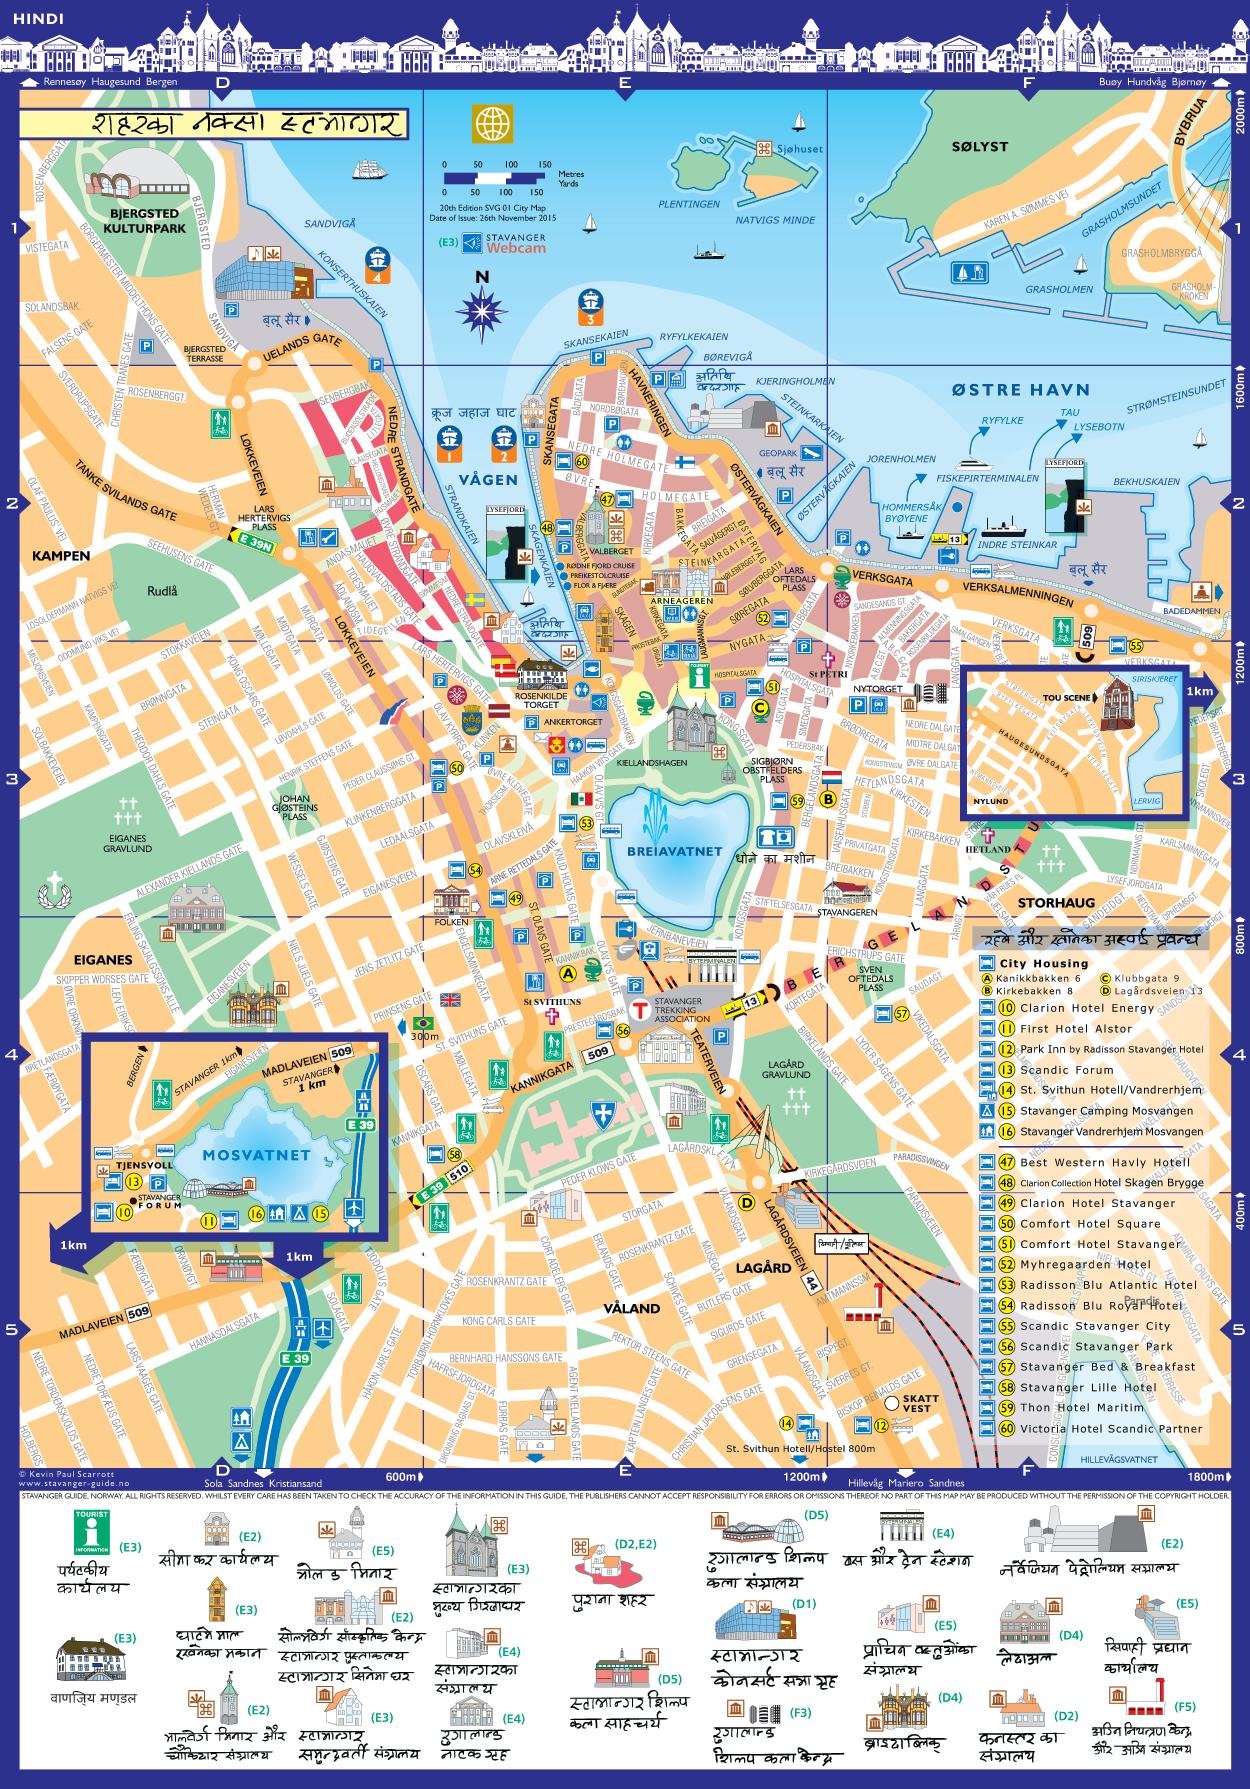 स्टवान्गर सिटी मानचित्र